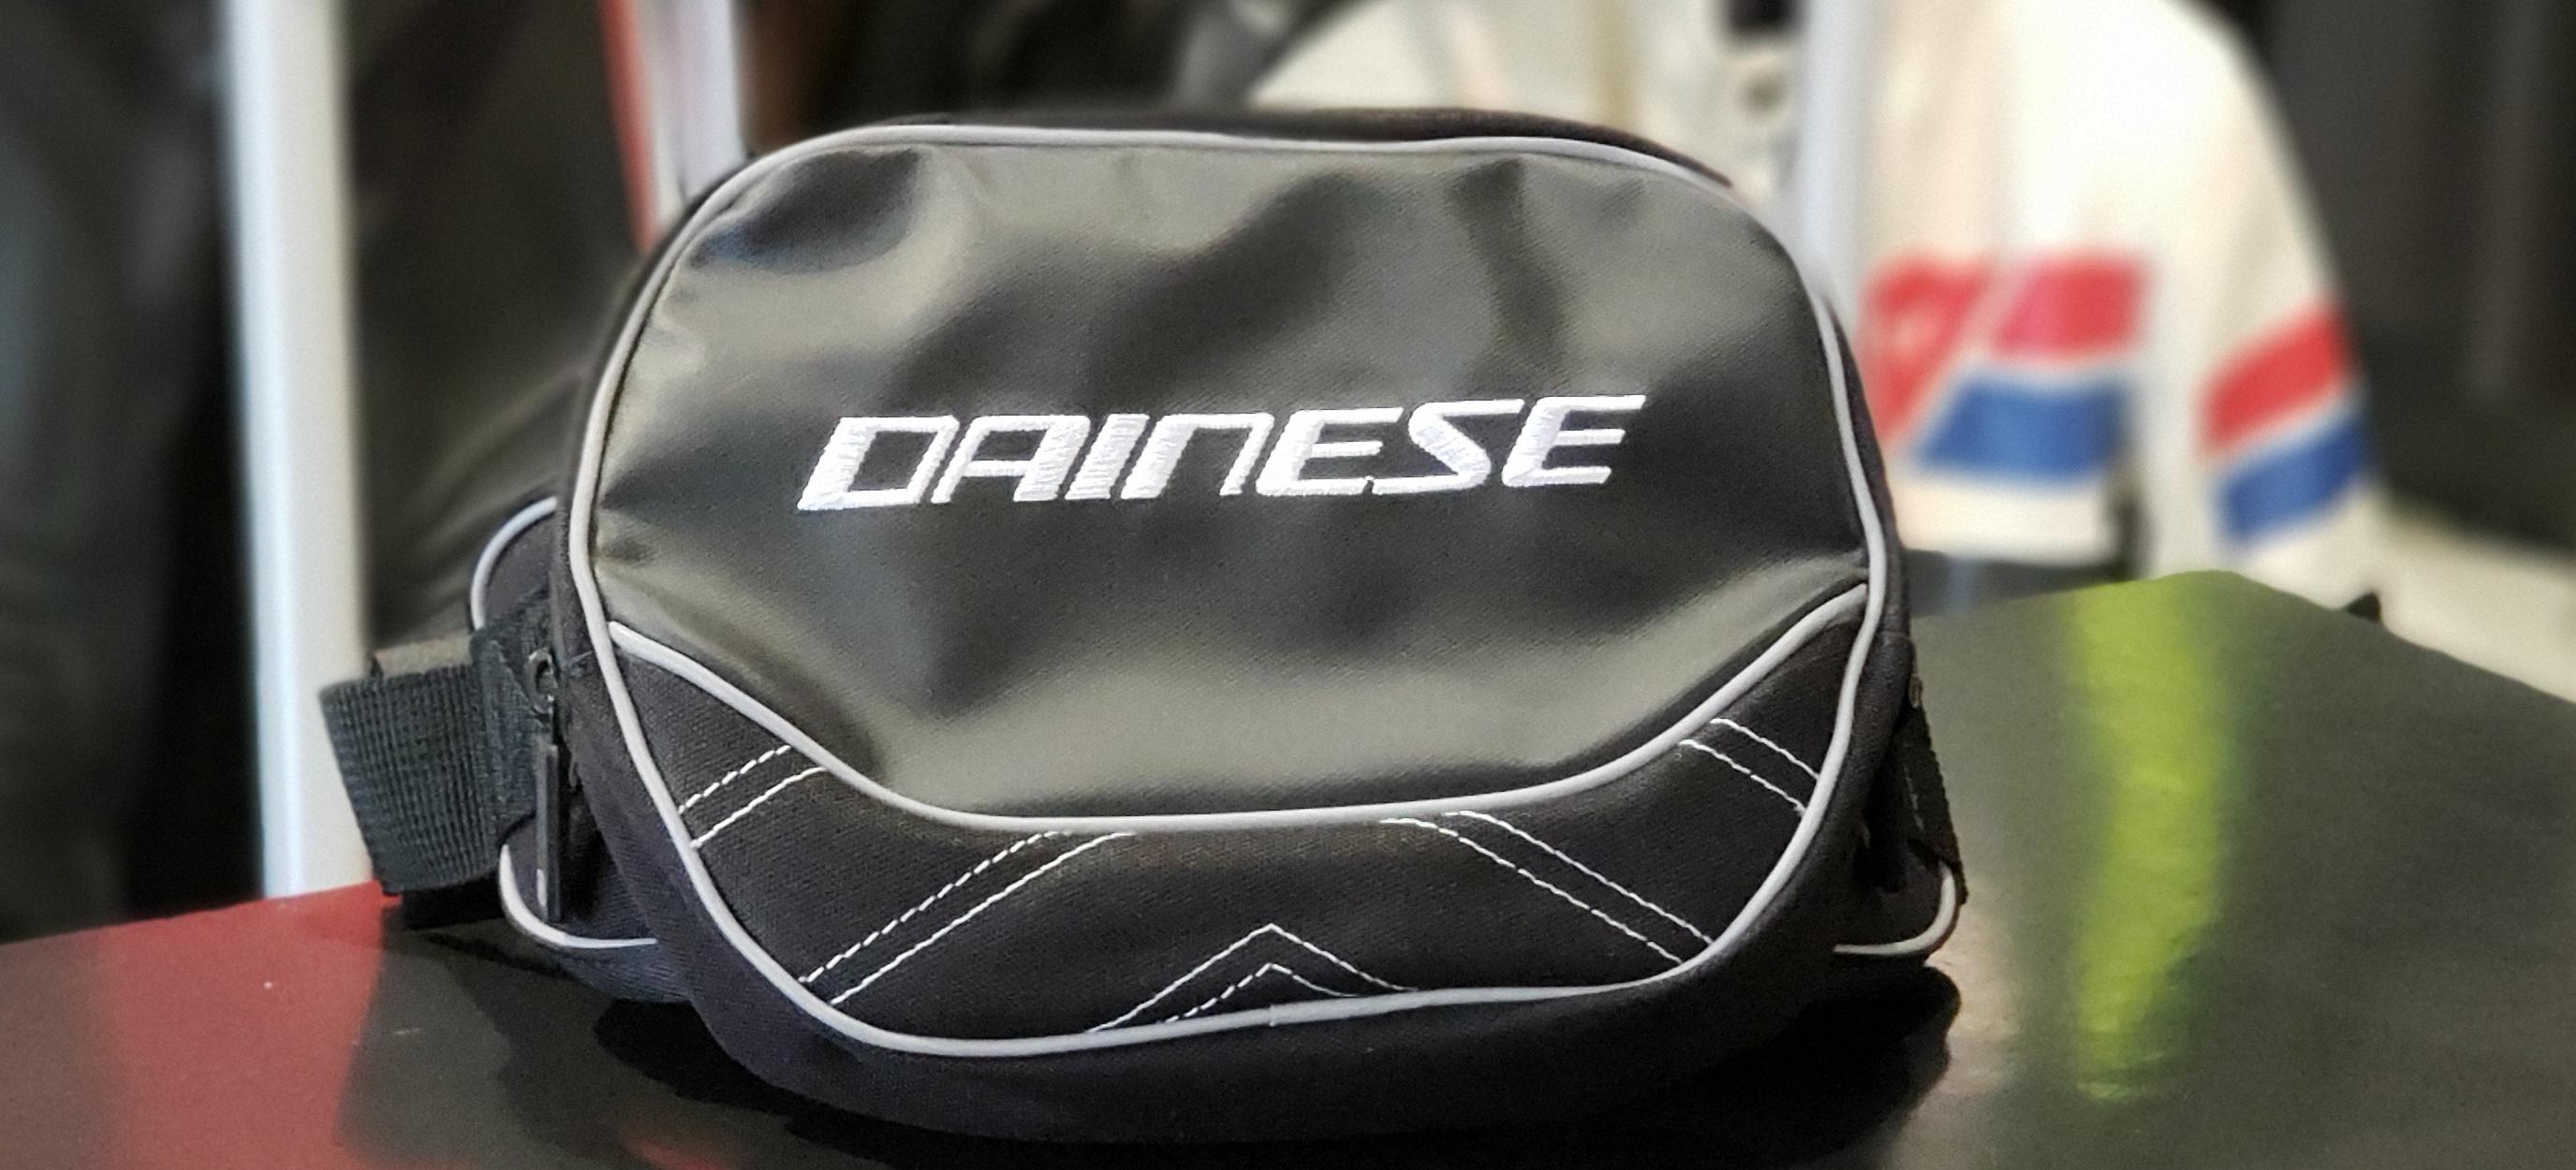 OGIOコラボのウェストバッグで普段使いからツーリングまでオシャレに[WAIST-BAG]